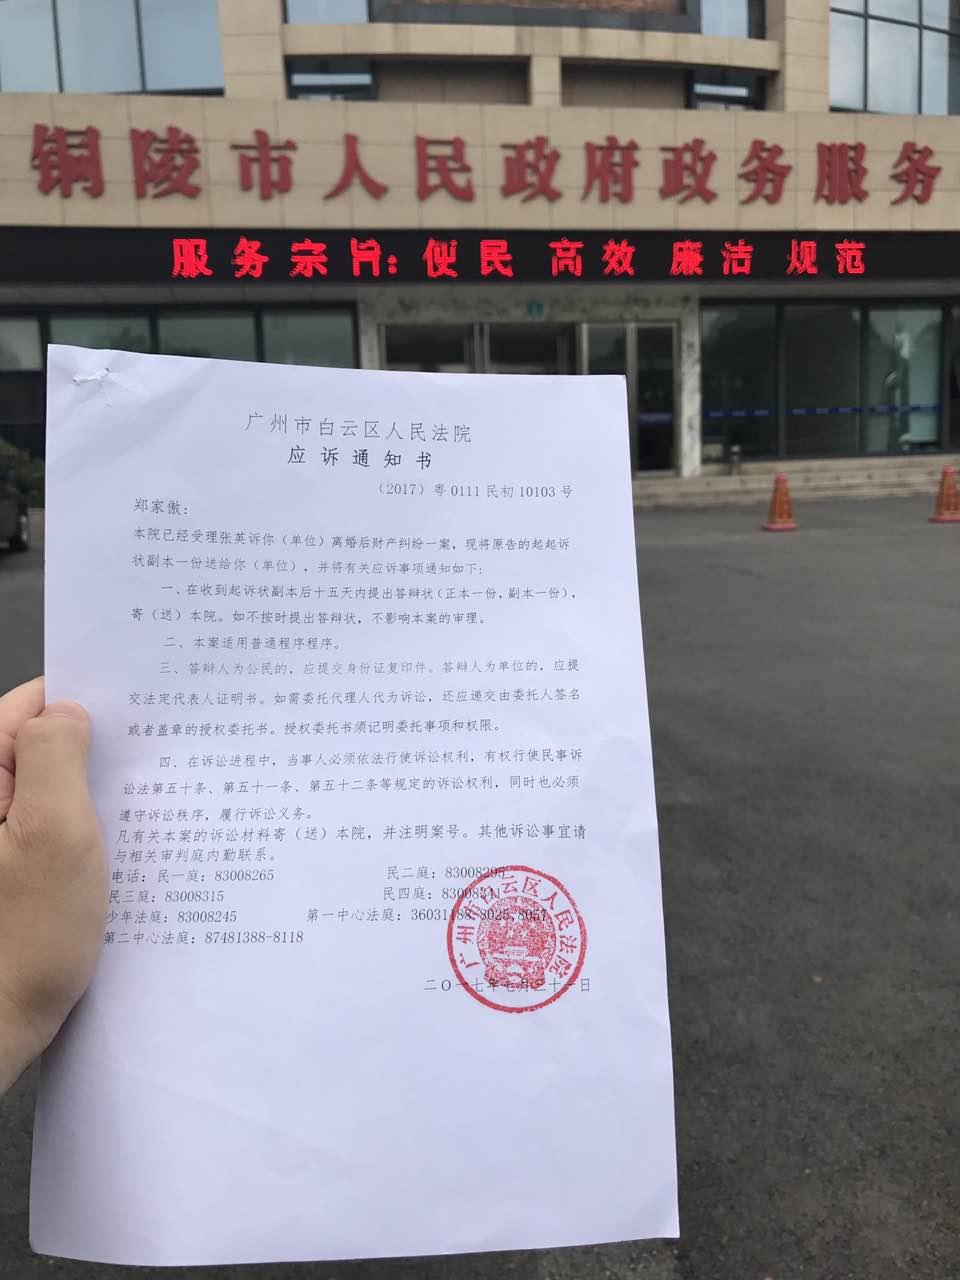 马俊哲律师出差外地进行调查取证